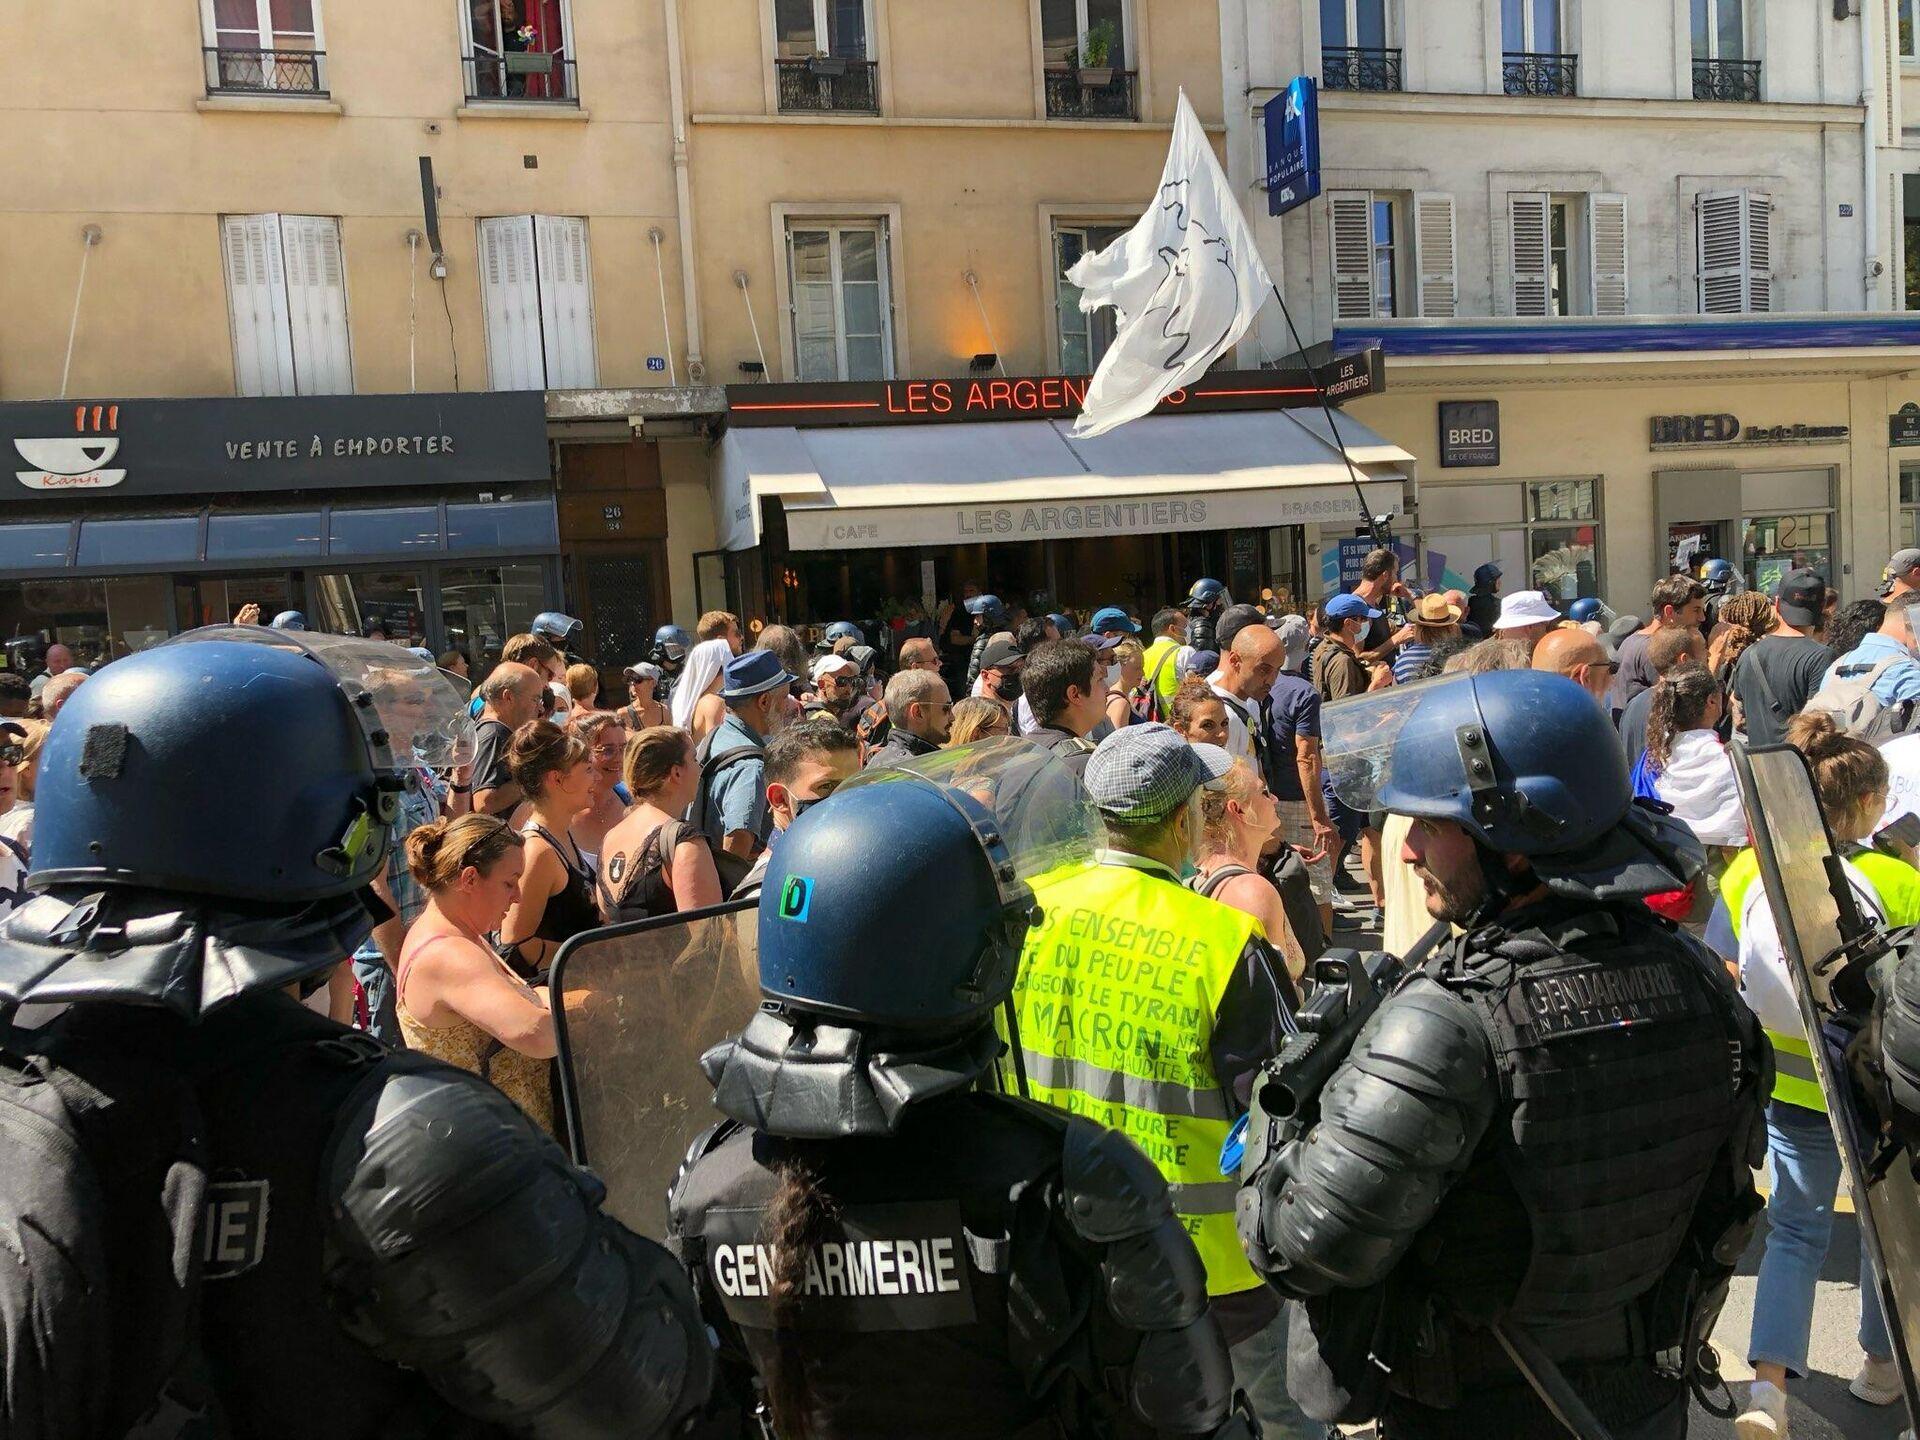 Agenti delle forze dell'ordine pattugliano le strade di Parigi durante la manifestazione contro il Green Pass, 14 agosto 2021 - Sputnik Italia, 1920, 14.08.2021